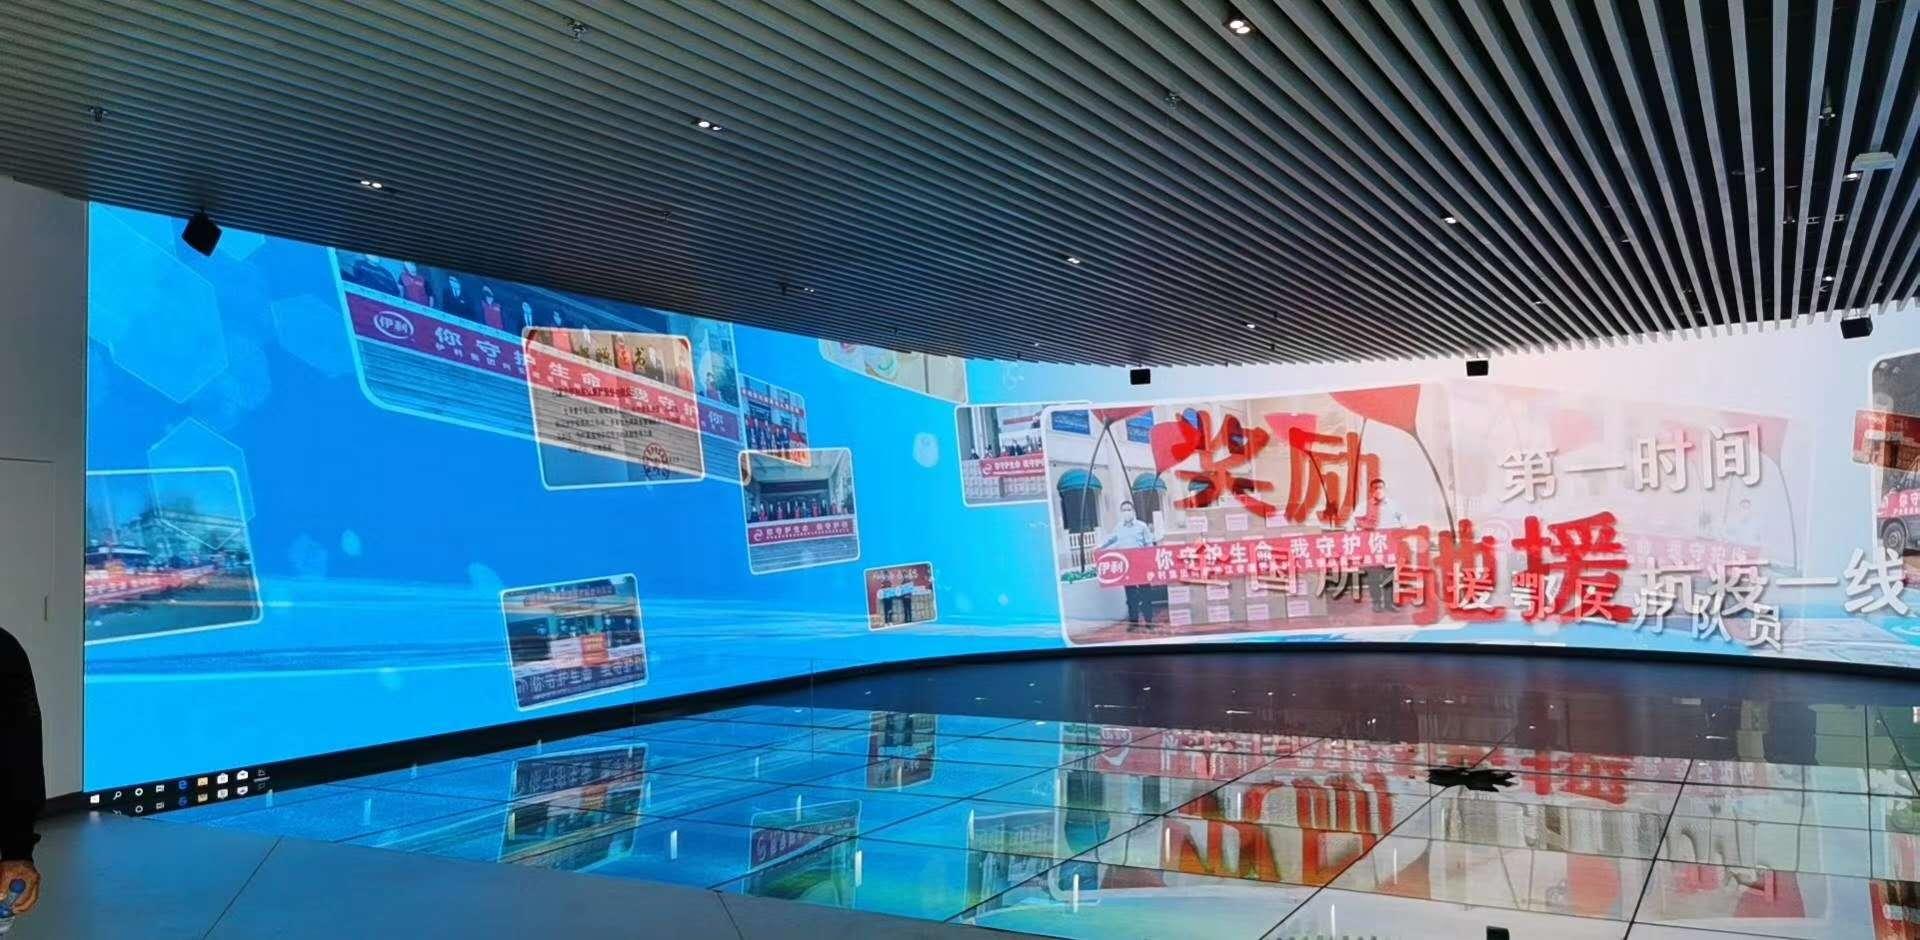 伊利集团总部博物馆LED大屏